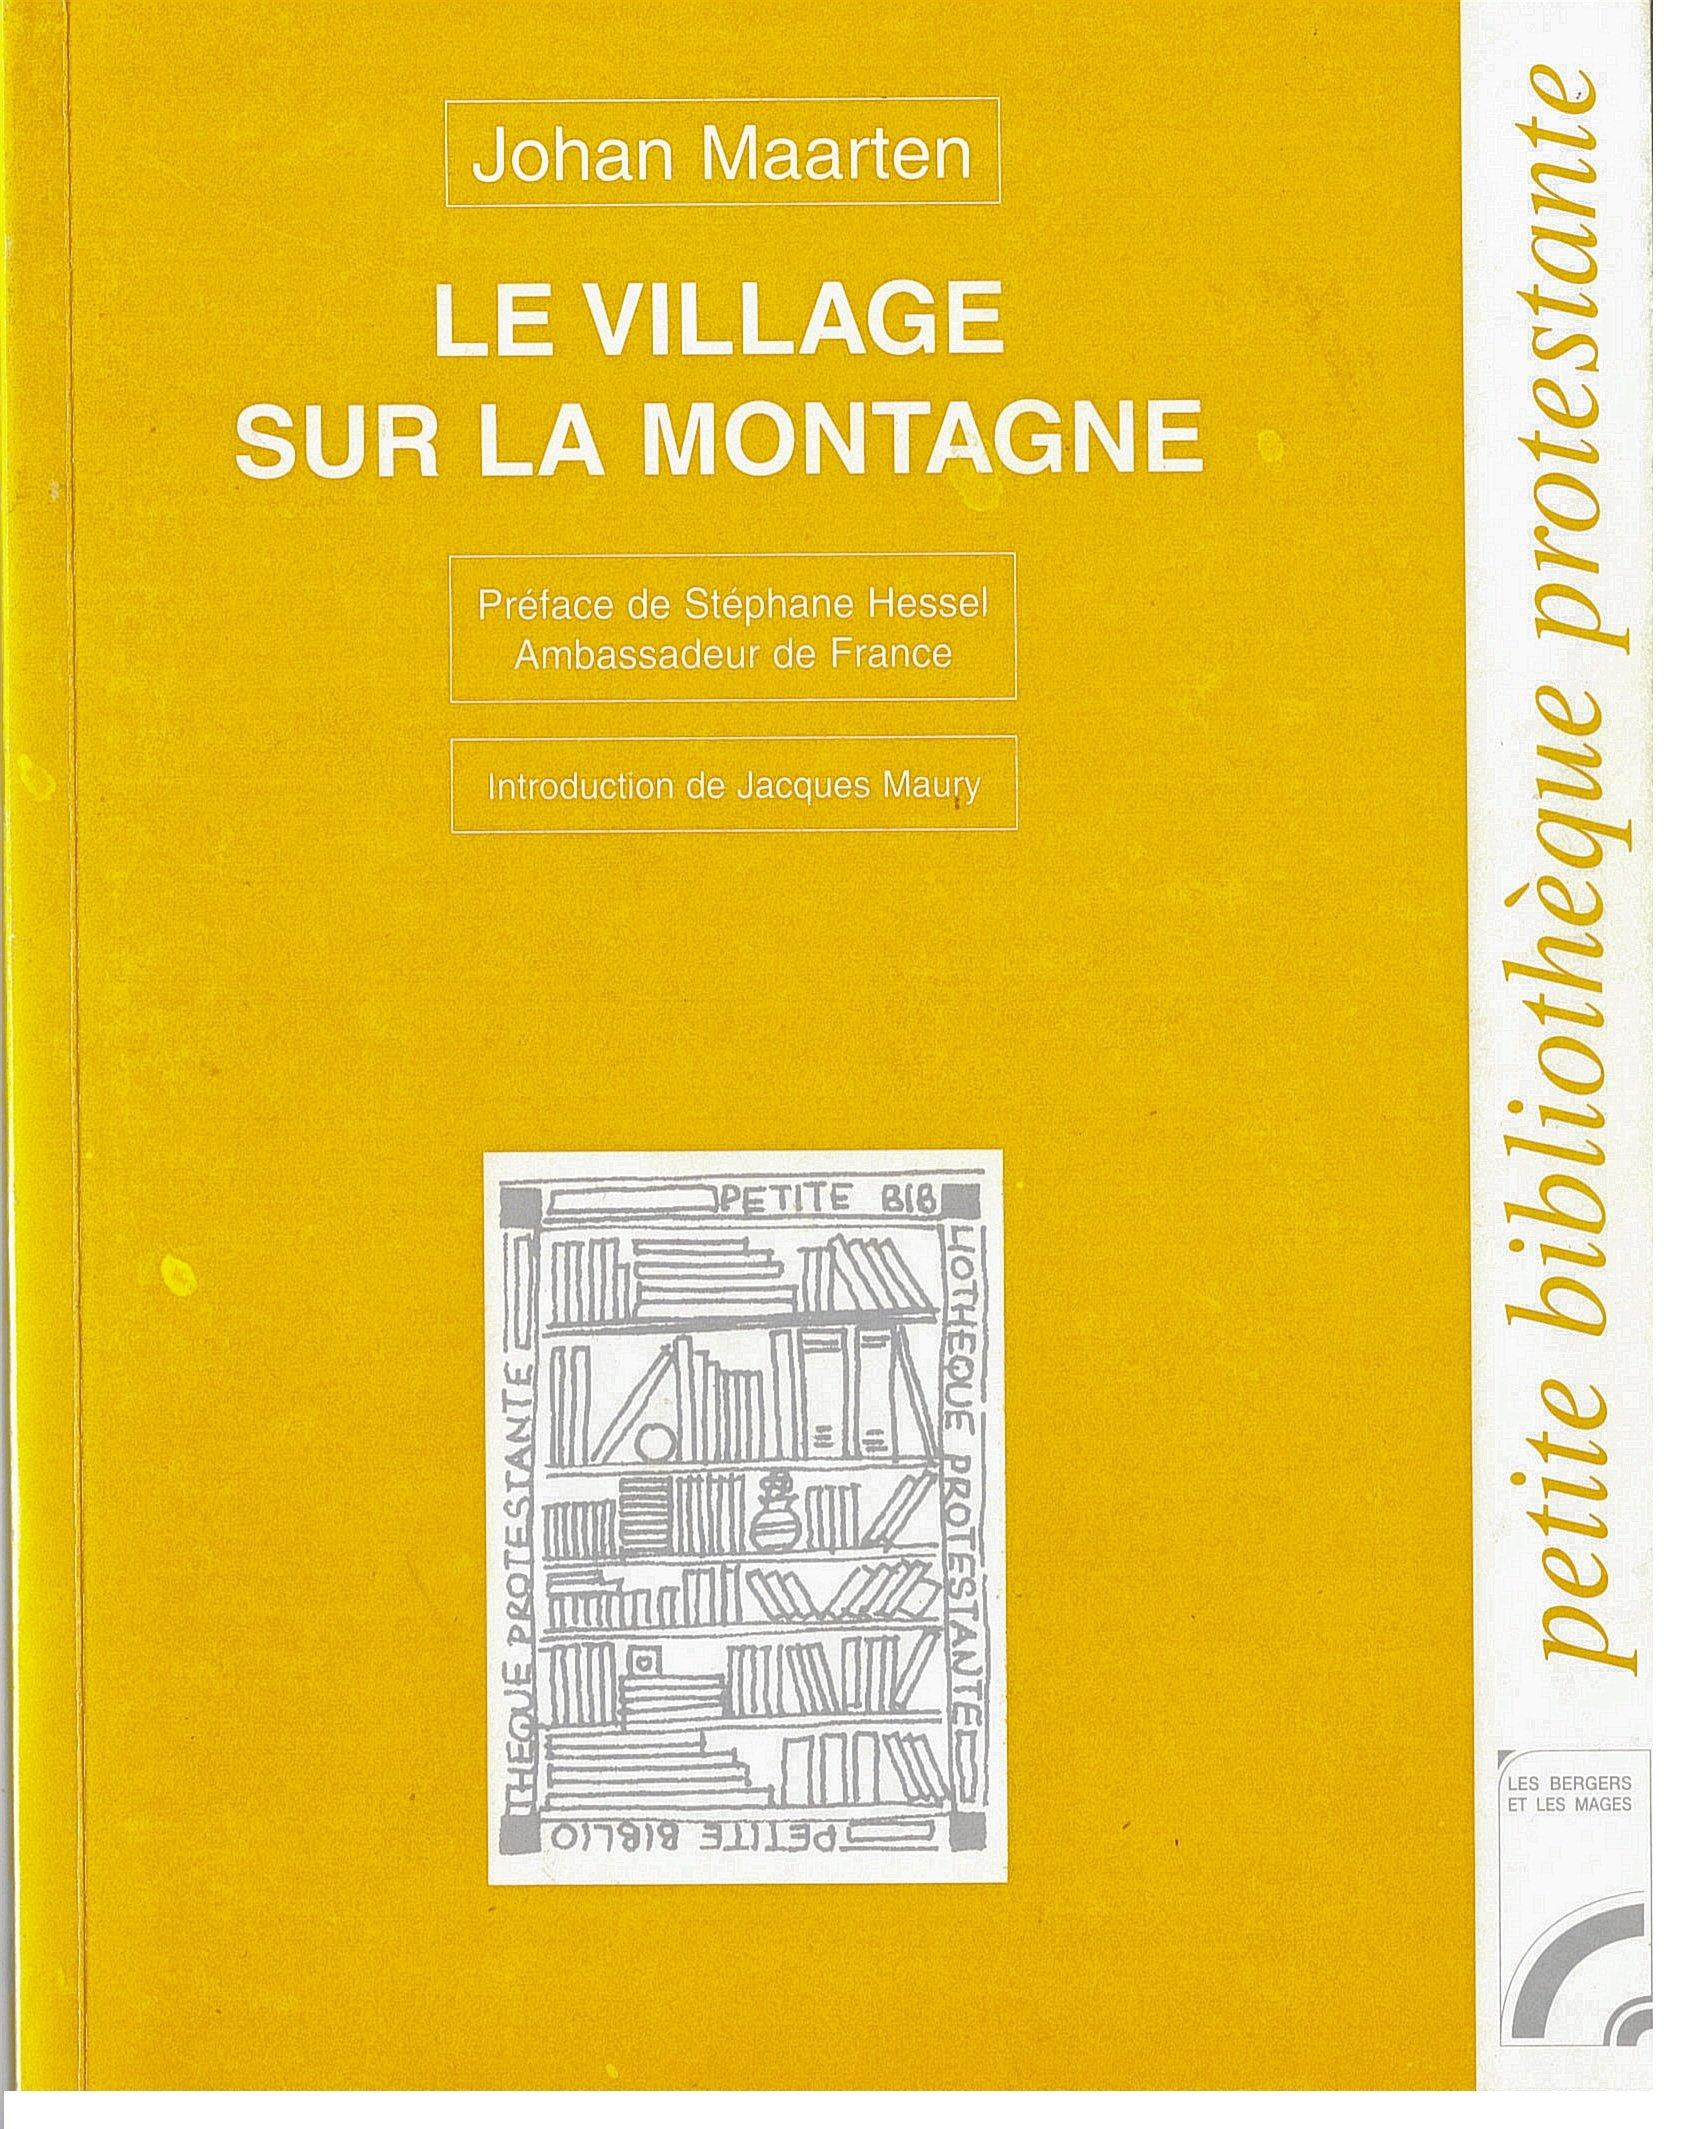 Le village sur la montagne : Tableau de l'église fidèle sous le régime nazi Broché – 1 janvier 1999 Johan Maarten Jacques Maury Stéphane Hessel Bergers Mages